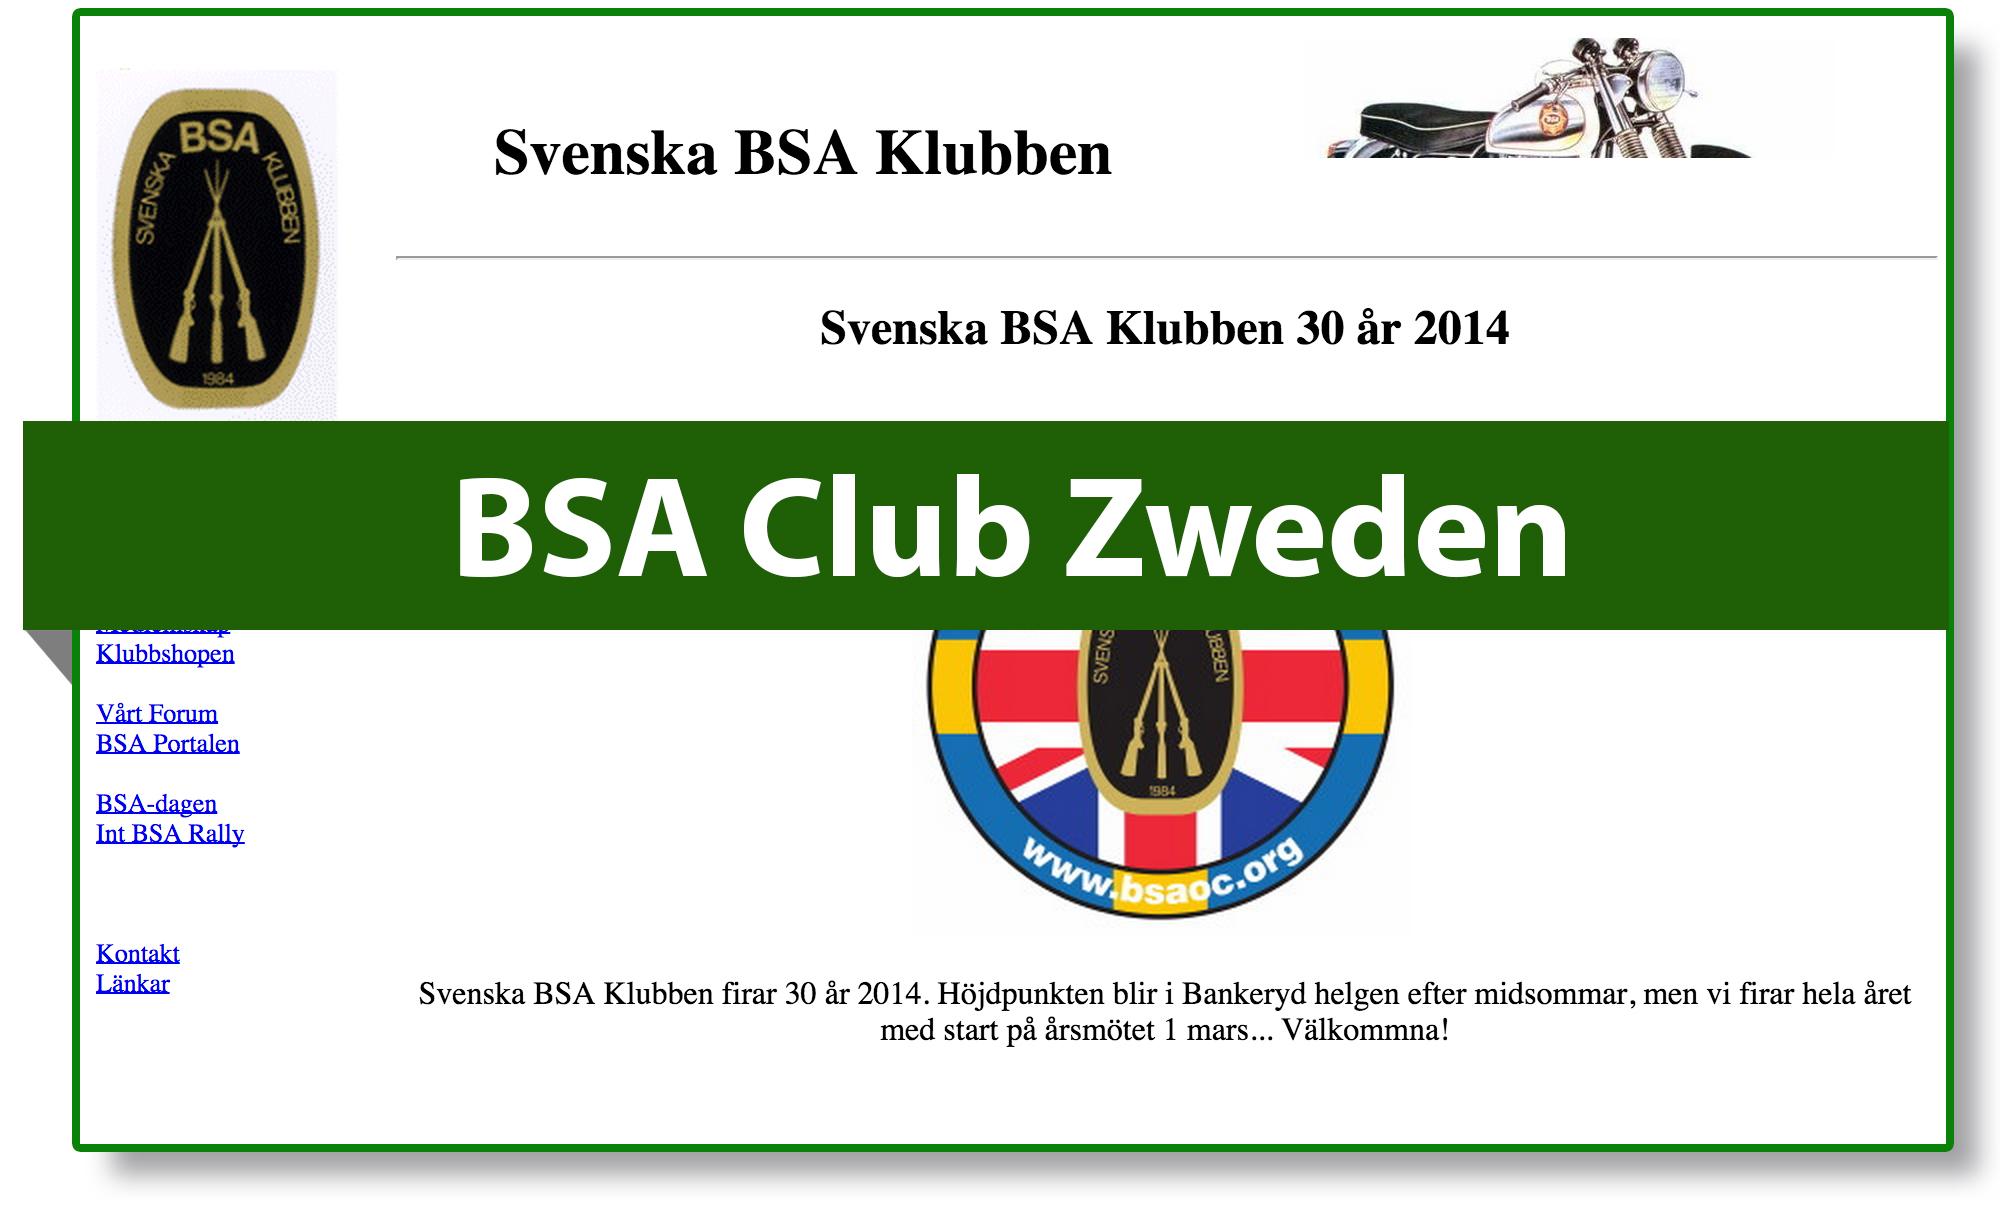 BSA club Sweden